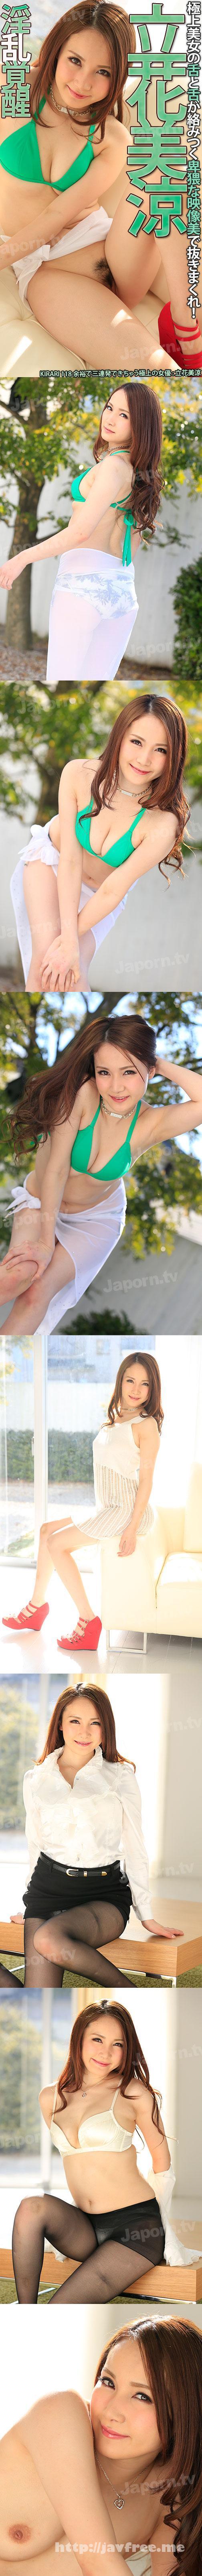 [MKD S118] KIRARI 118 余裕で三連発できちゃう極上の女優 : 立花美涼 立花美涼 MKD Misuzu Tachibana